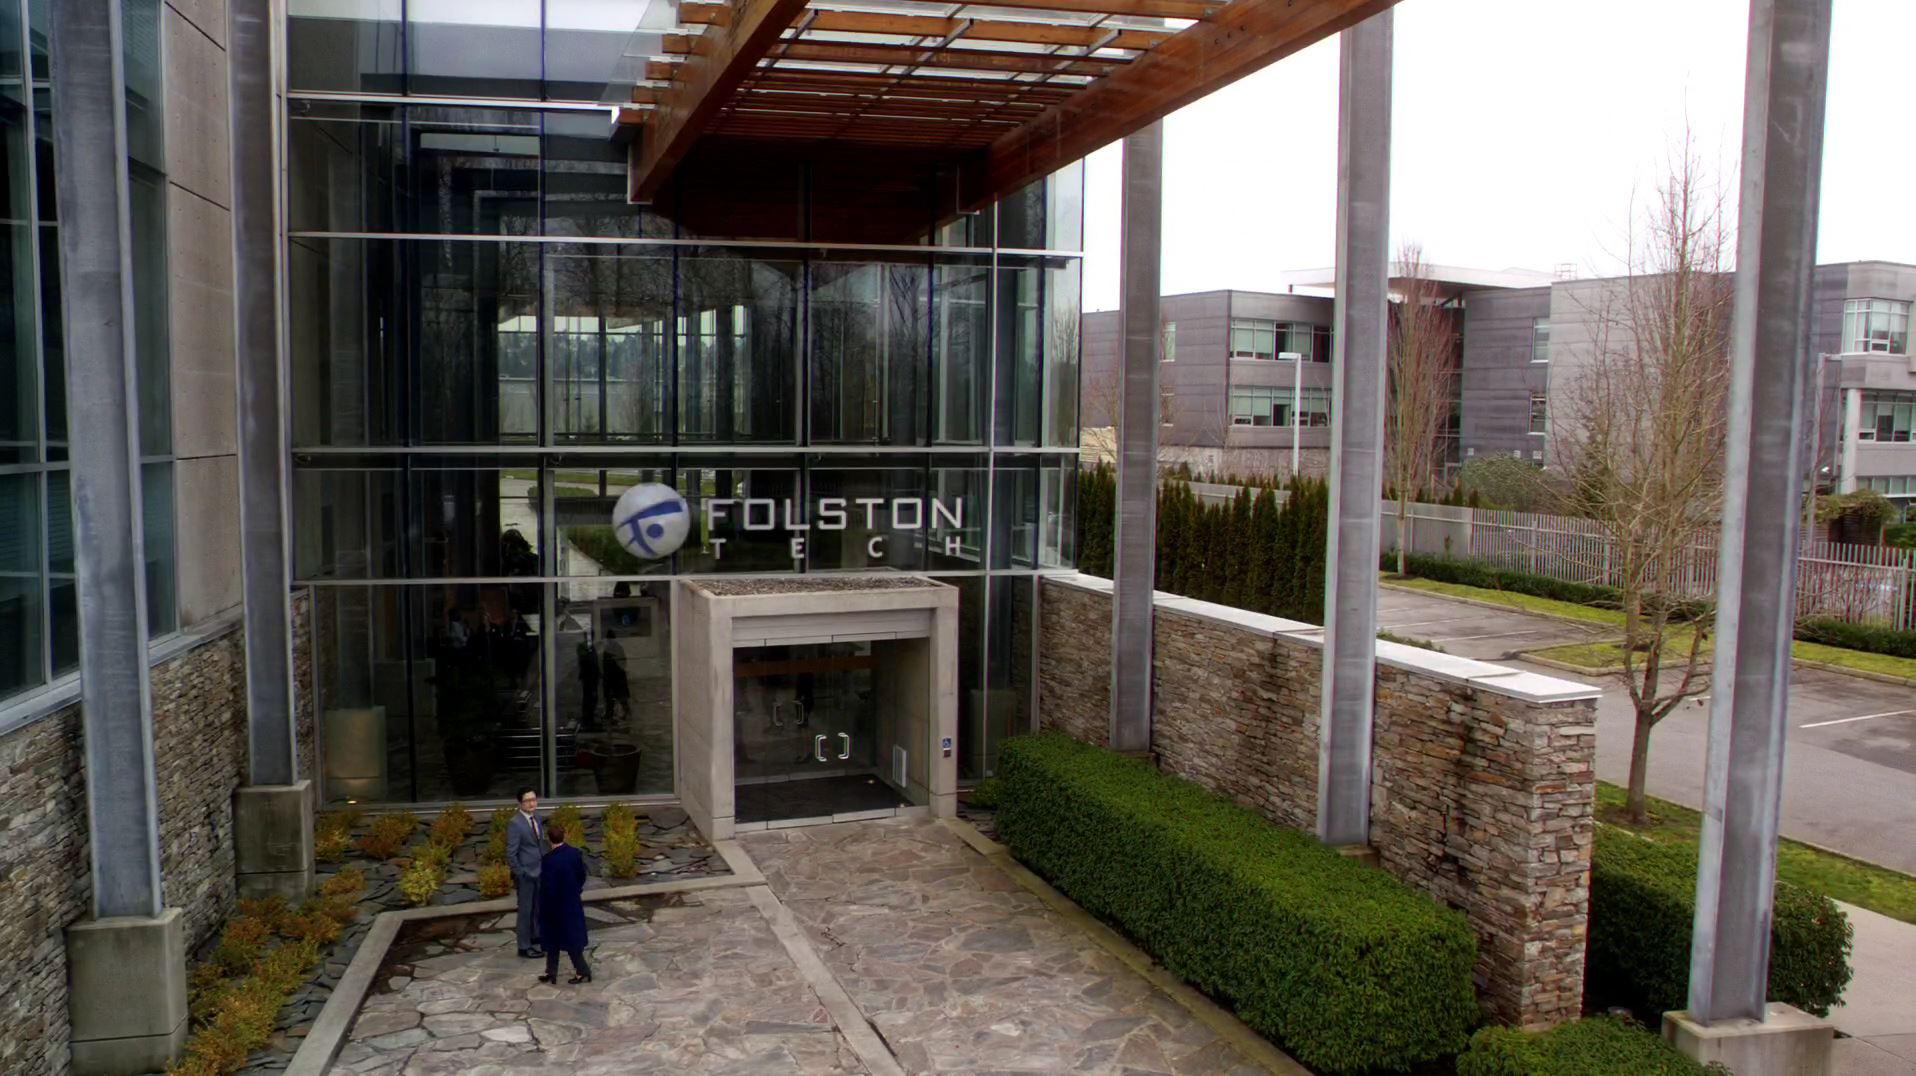 Folston Tech